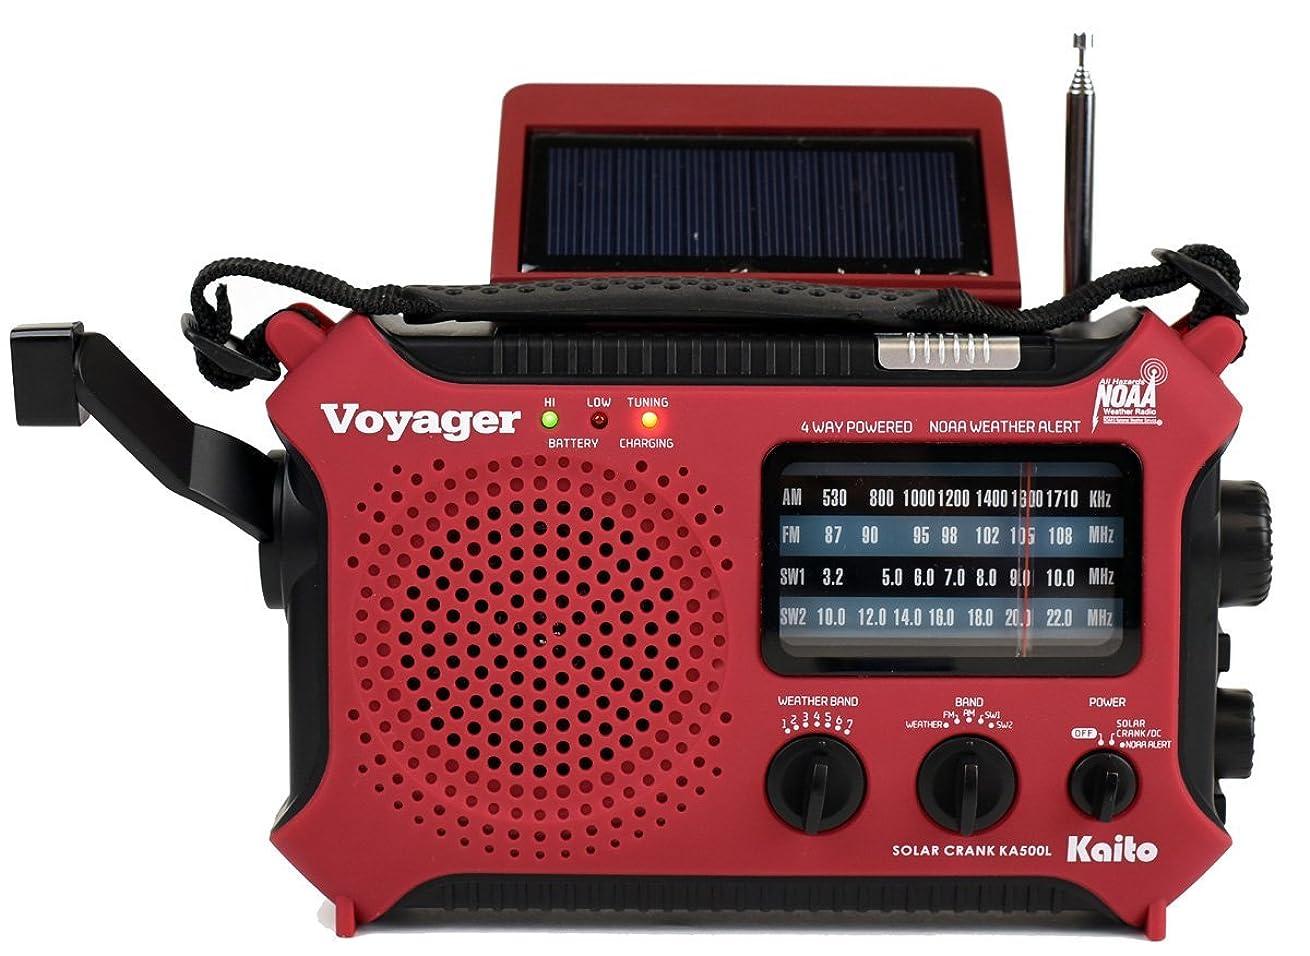 虚偽分析援助Kaito Ka500L 4ウェイパワード緊急AM / FM/太陽光てSW NOAA天気アラートラジオ、ダイナモクランク、懐中電灯より大きな電池無し読書ランプ、ソーラーパネル、 赤